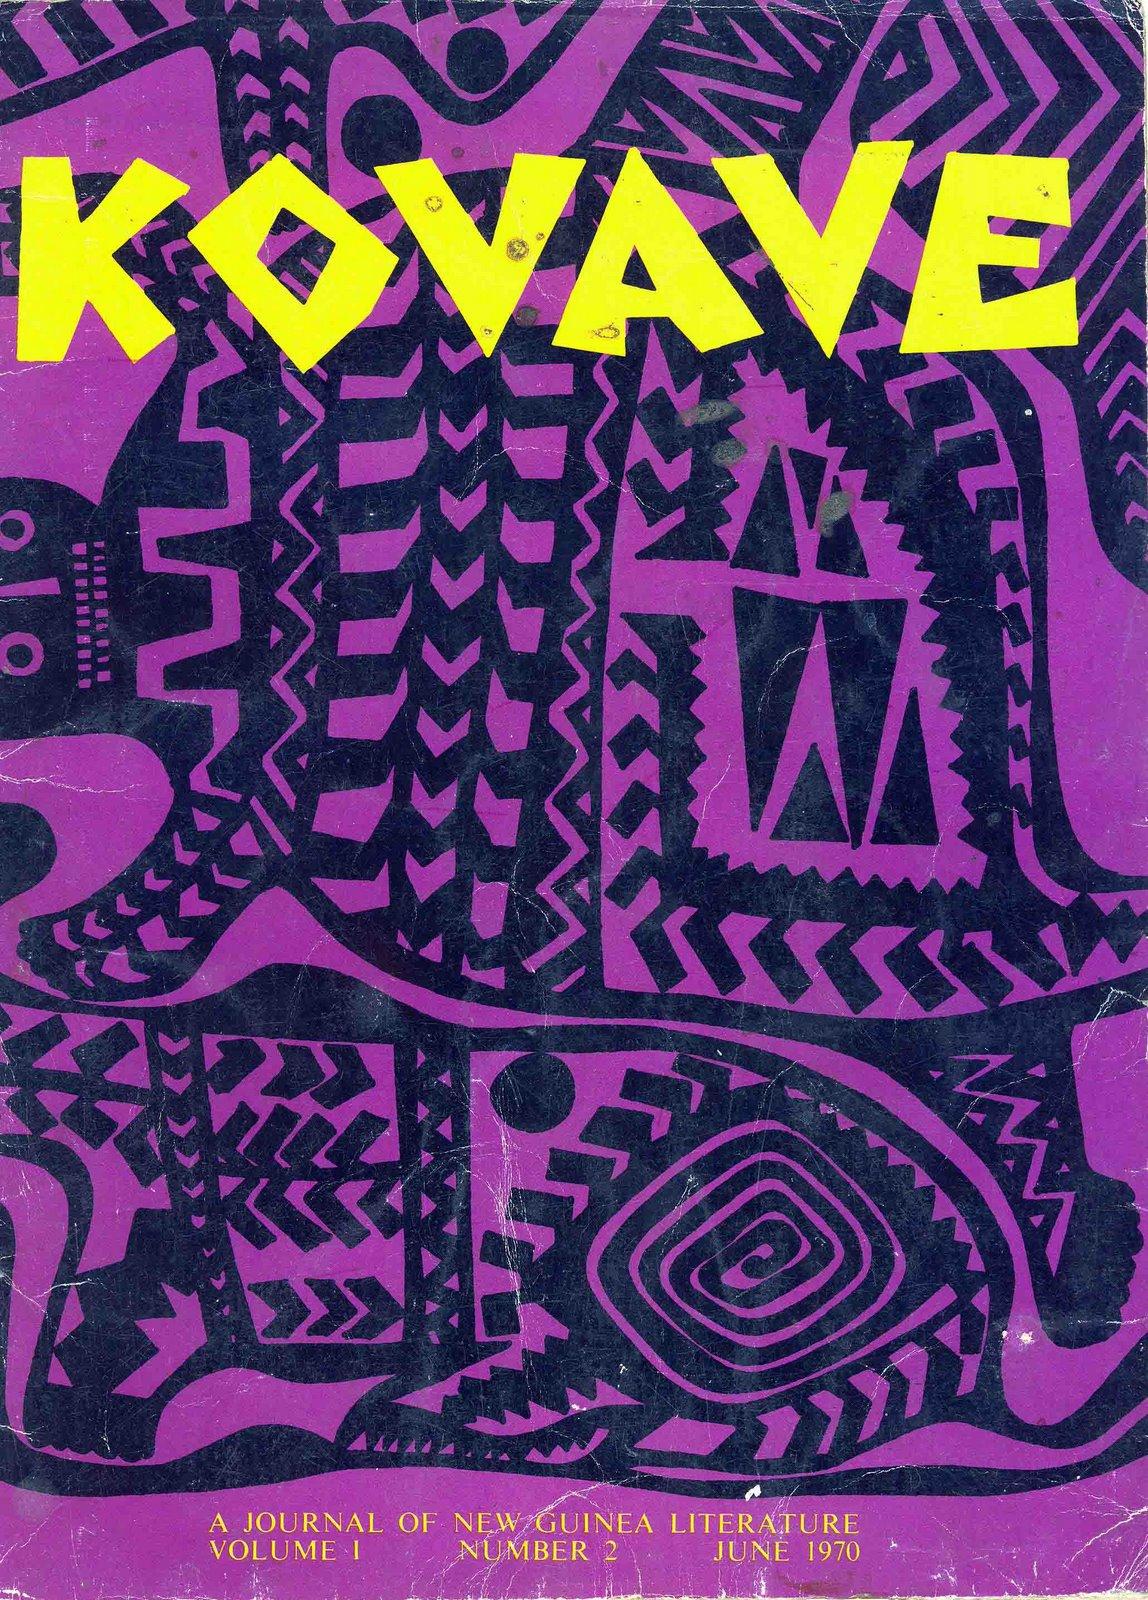 http://4.bp.blogspot.com/_Iro6AankEEI/R09mW3J_9OI/AAAAAAAAAIM/0BZVQ7B37ls/s1600-R/Kovave,+June+1970.jpg